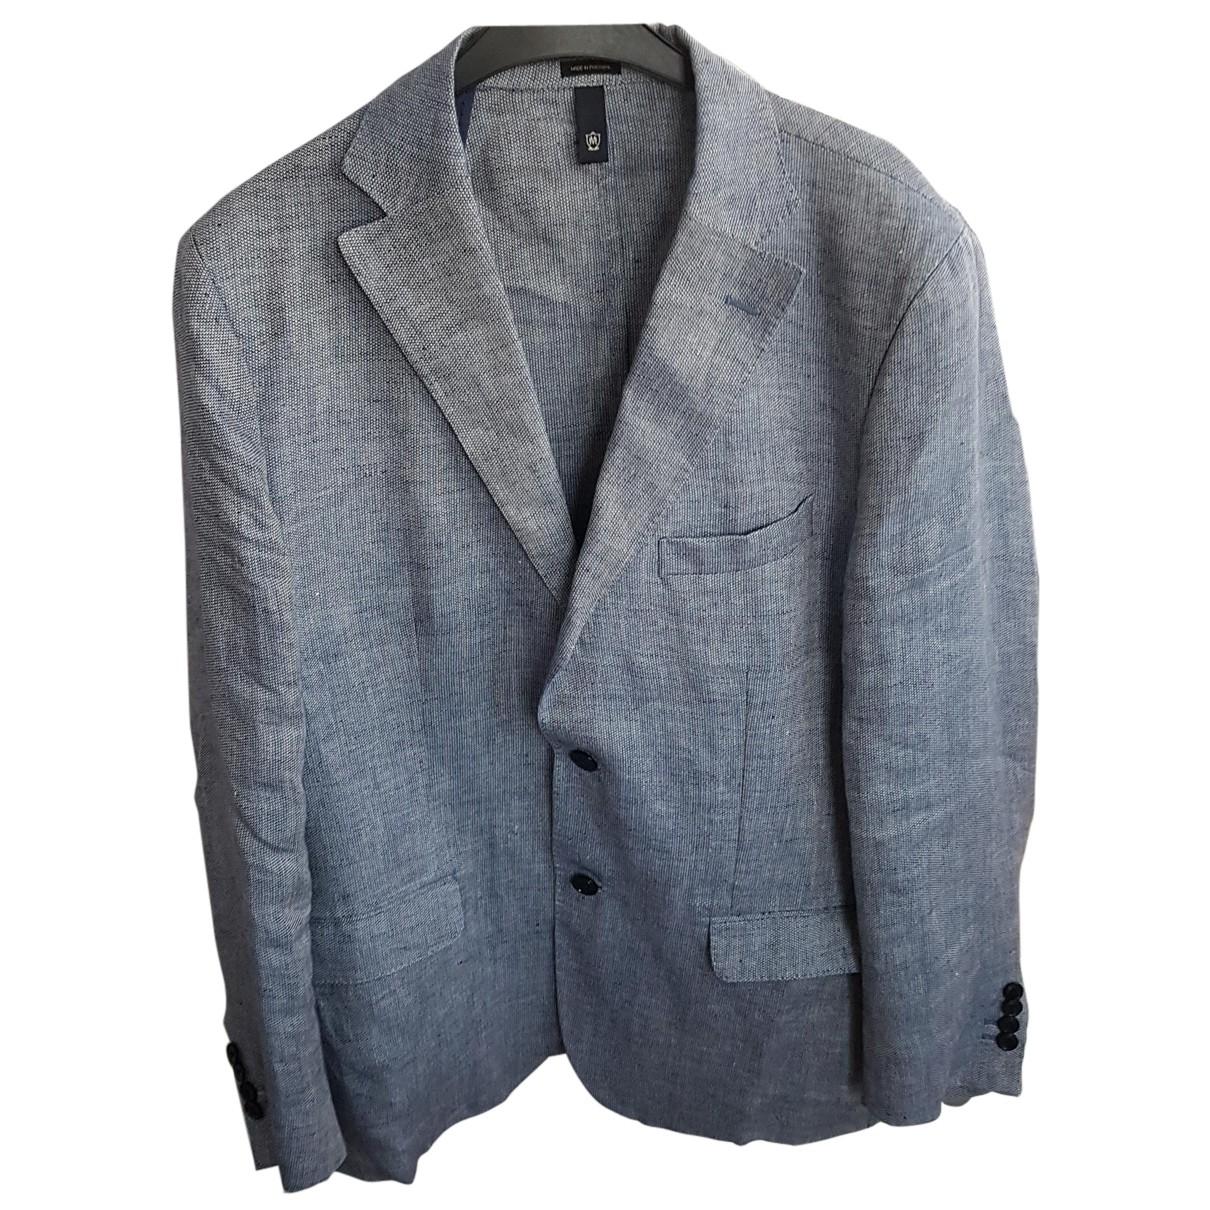 Massimo Dutti - Vestes.Blousons   pour homme en lin - gris